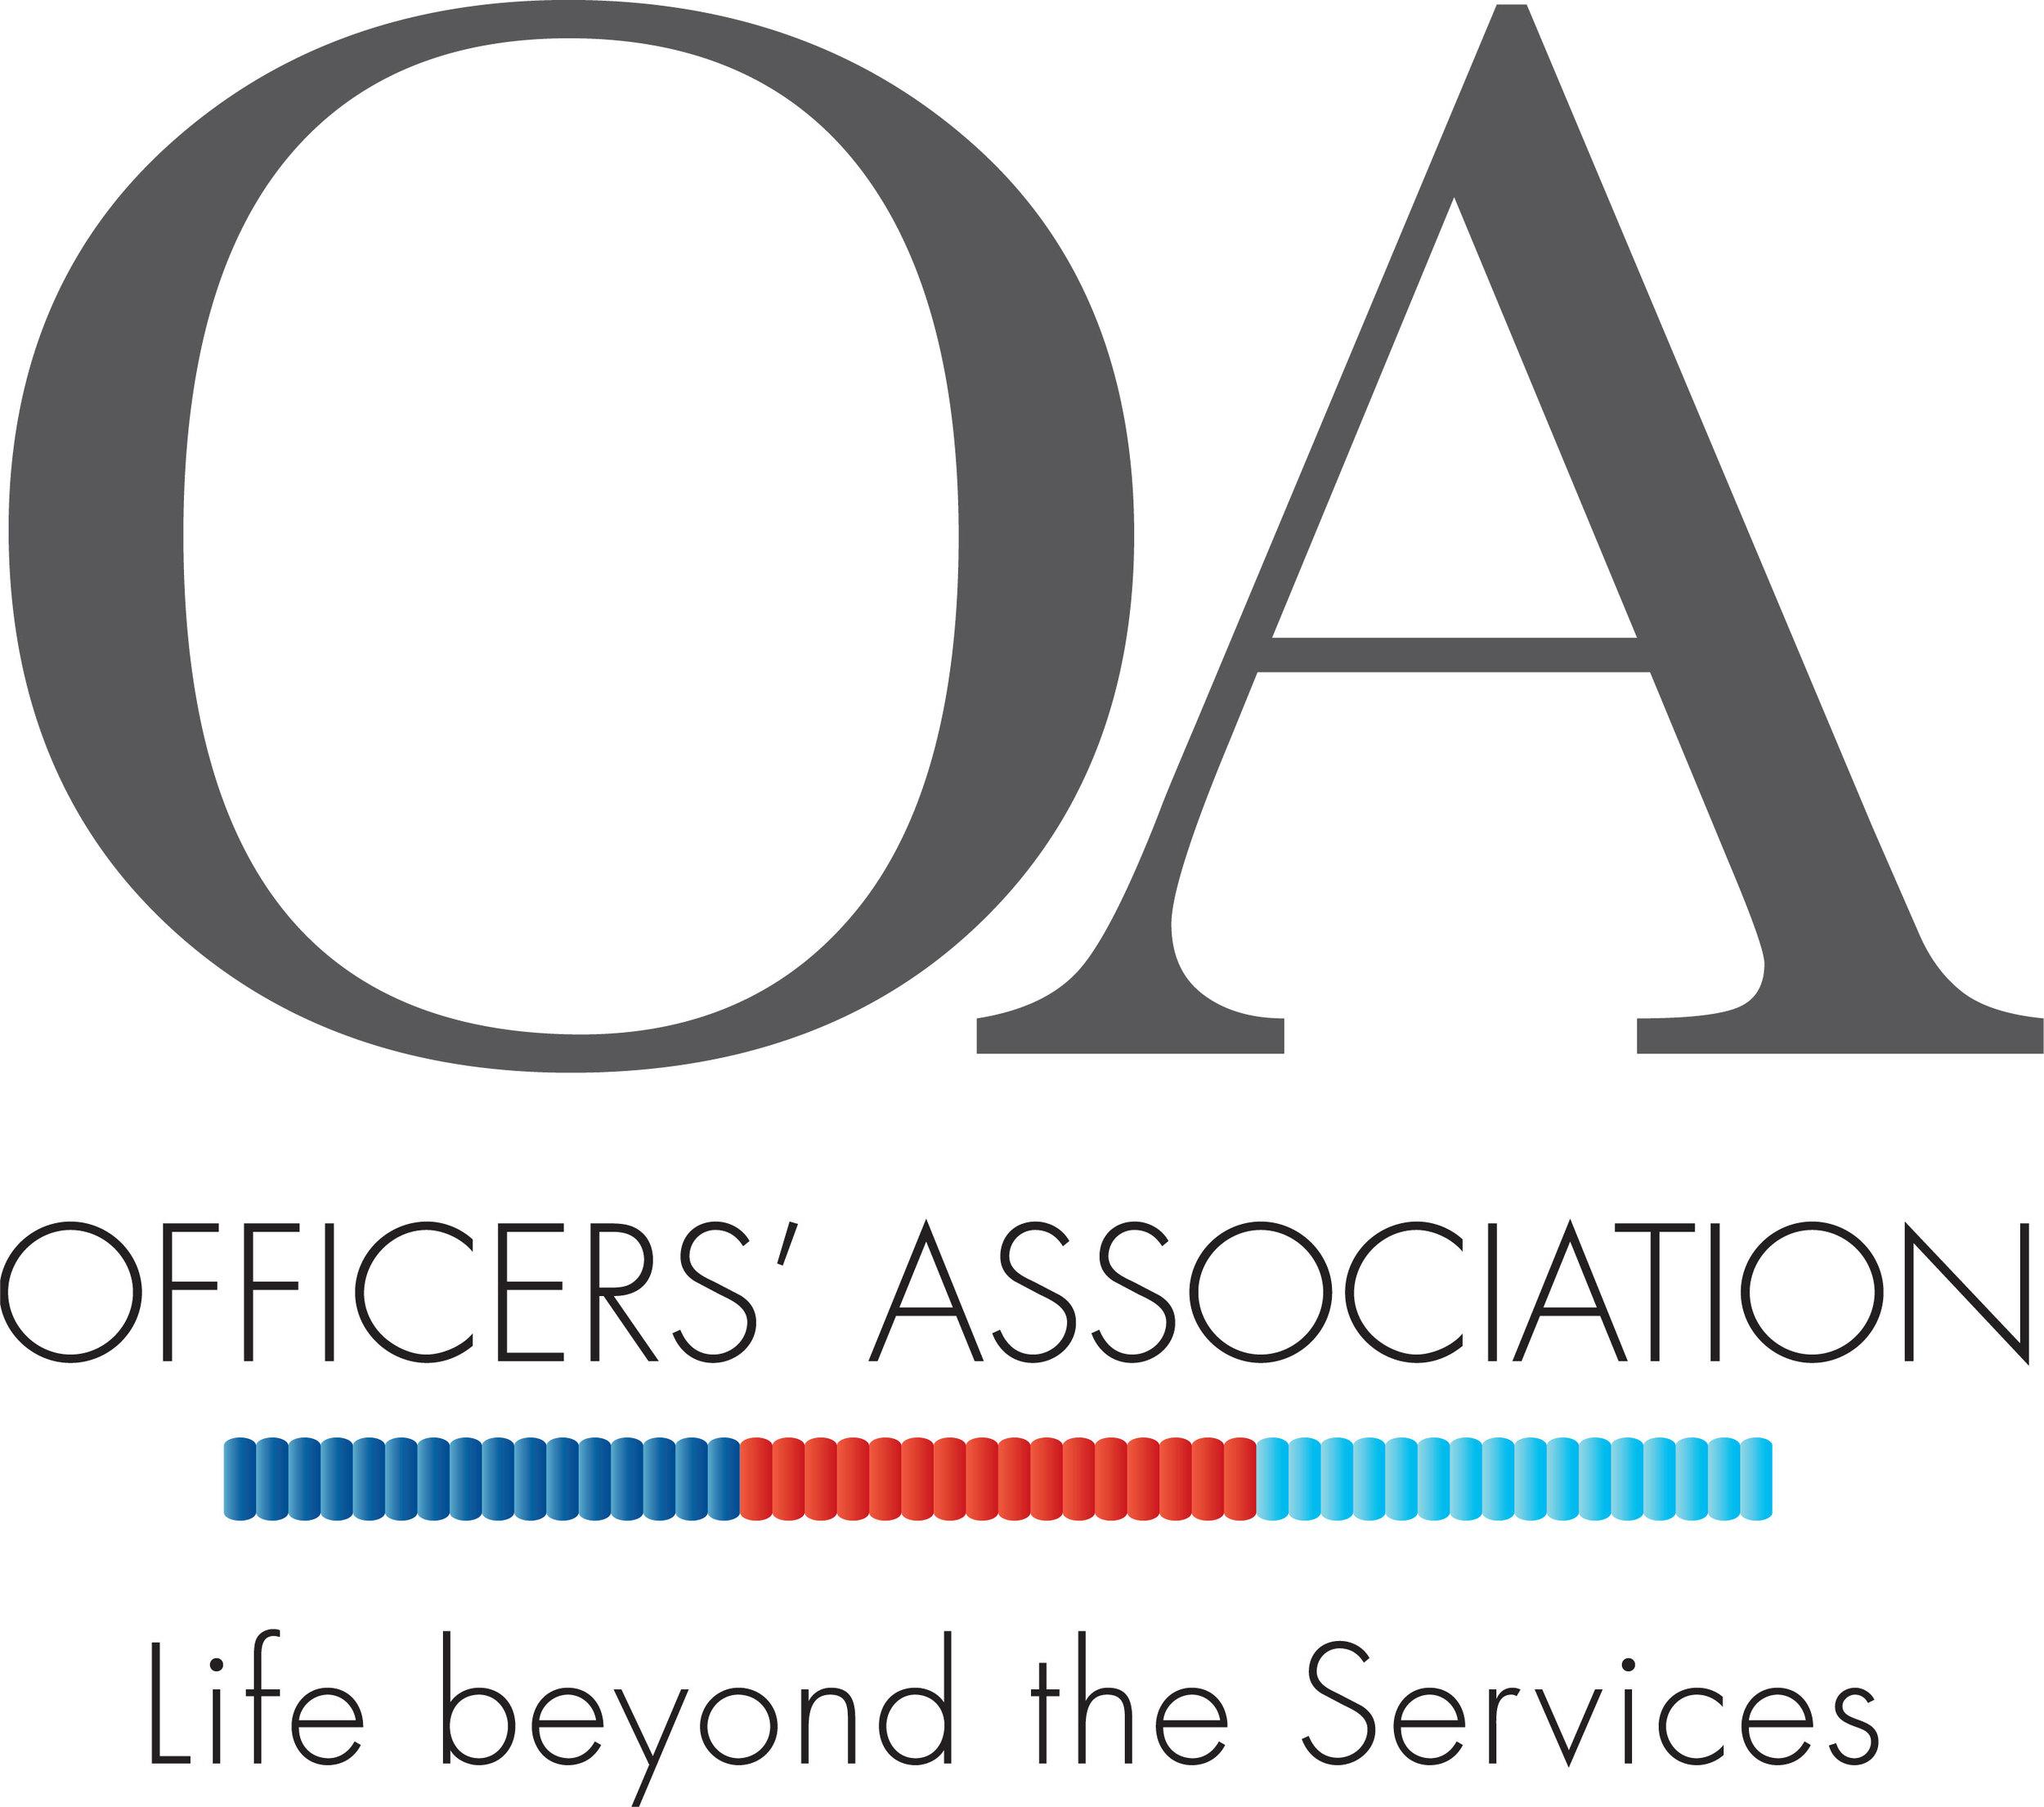 OA-logo-2014-jpeg.jpg